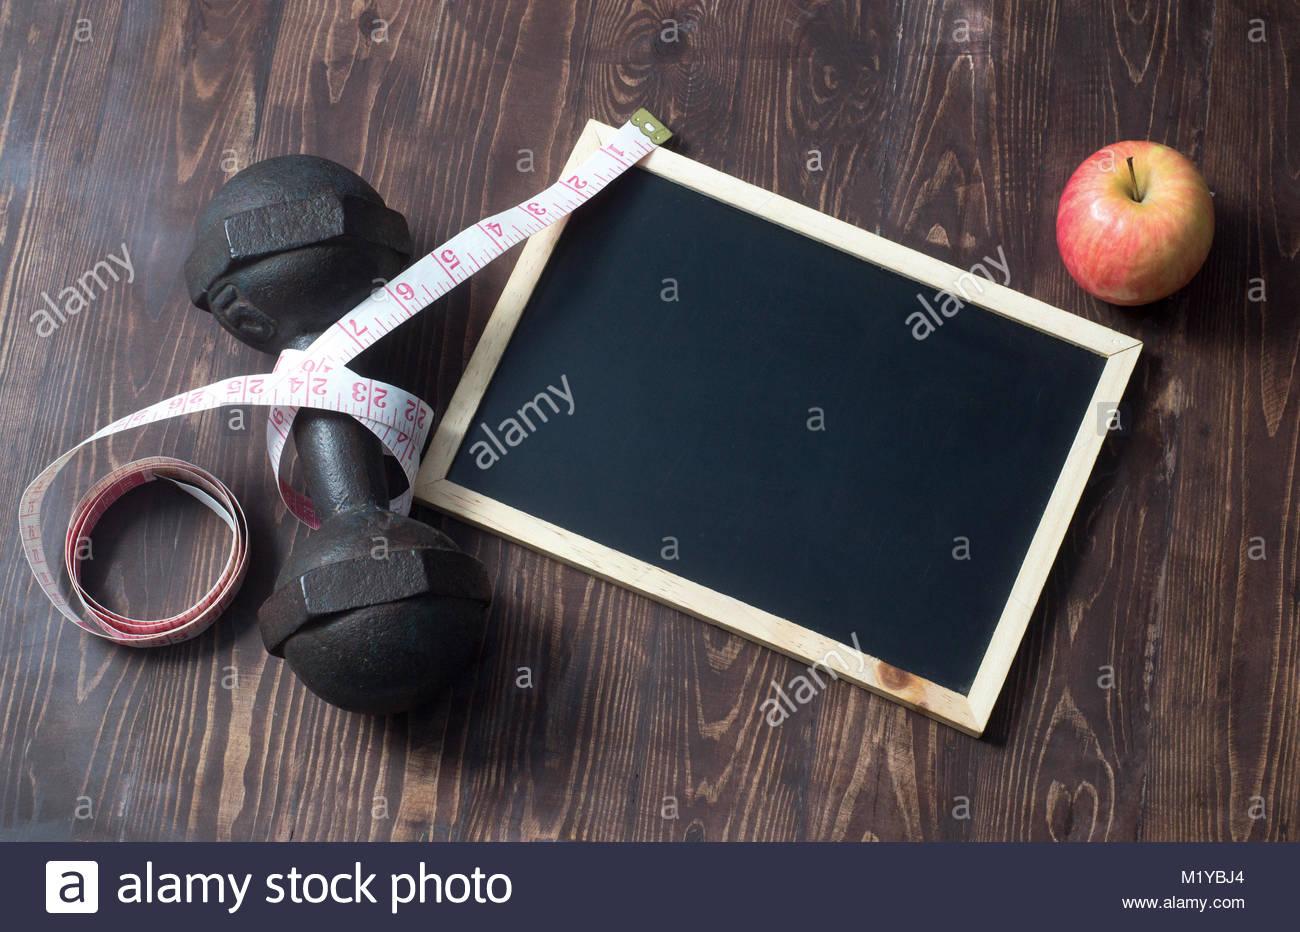 Frutas para la pérdida de peso, una cinta métrica, la dieta Imagen De Stock